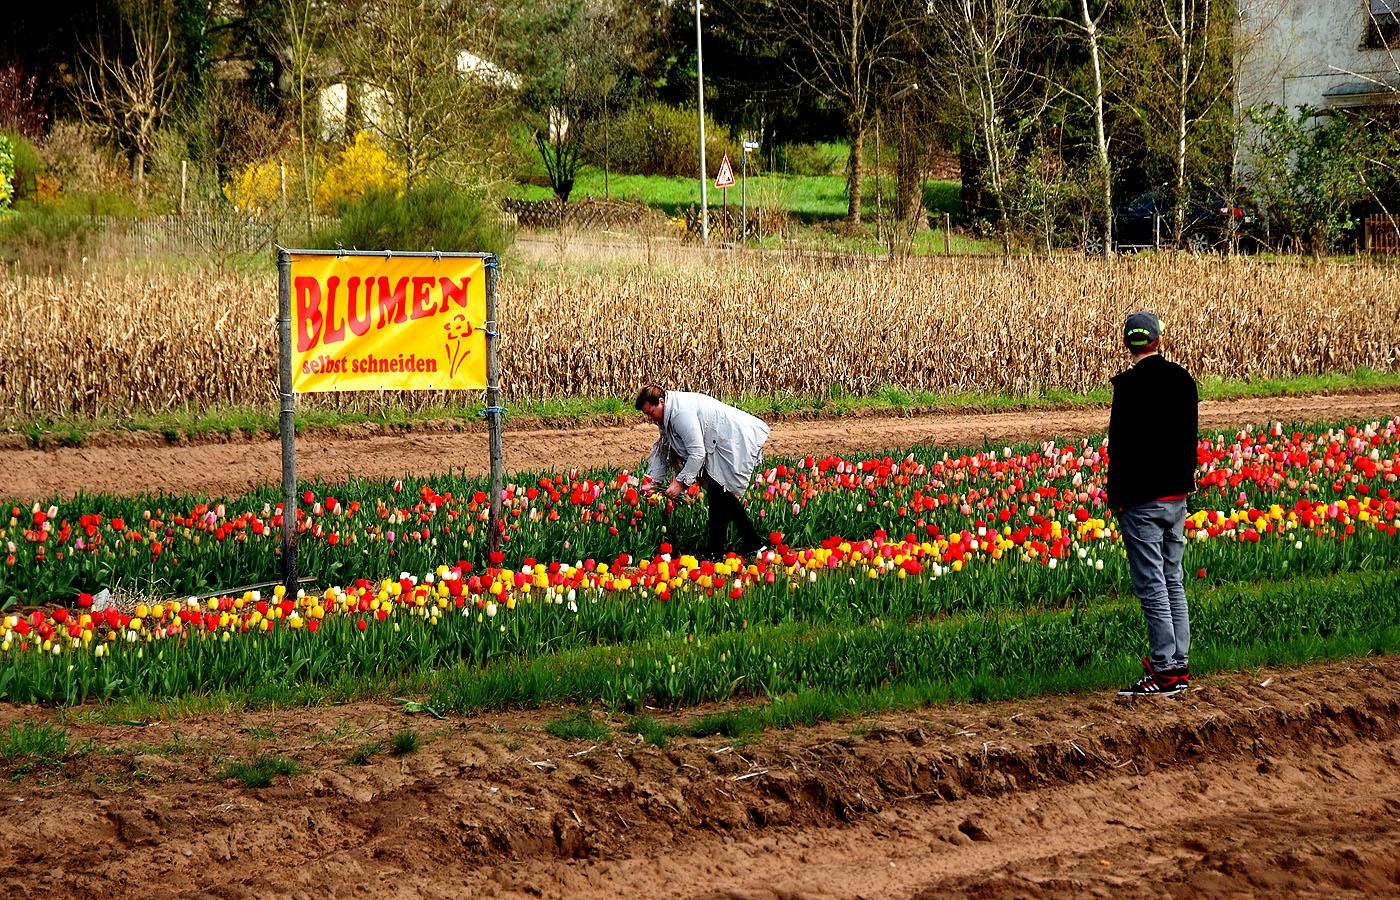 Blumen selber schneiden   Das Saarland im Bild